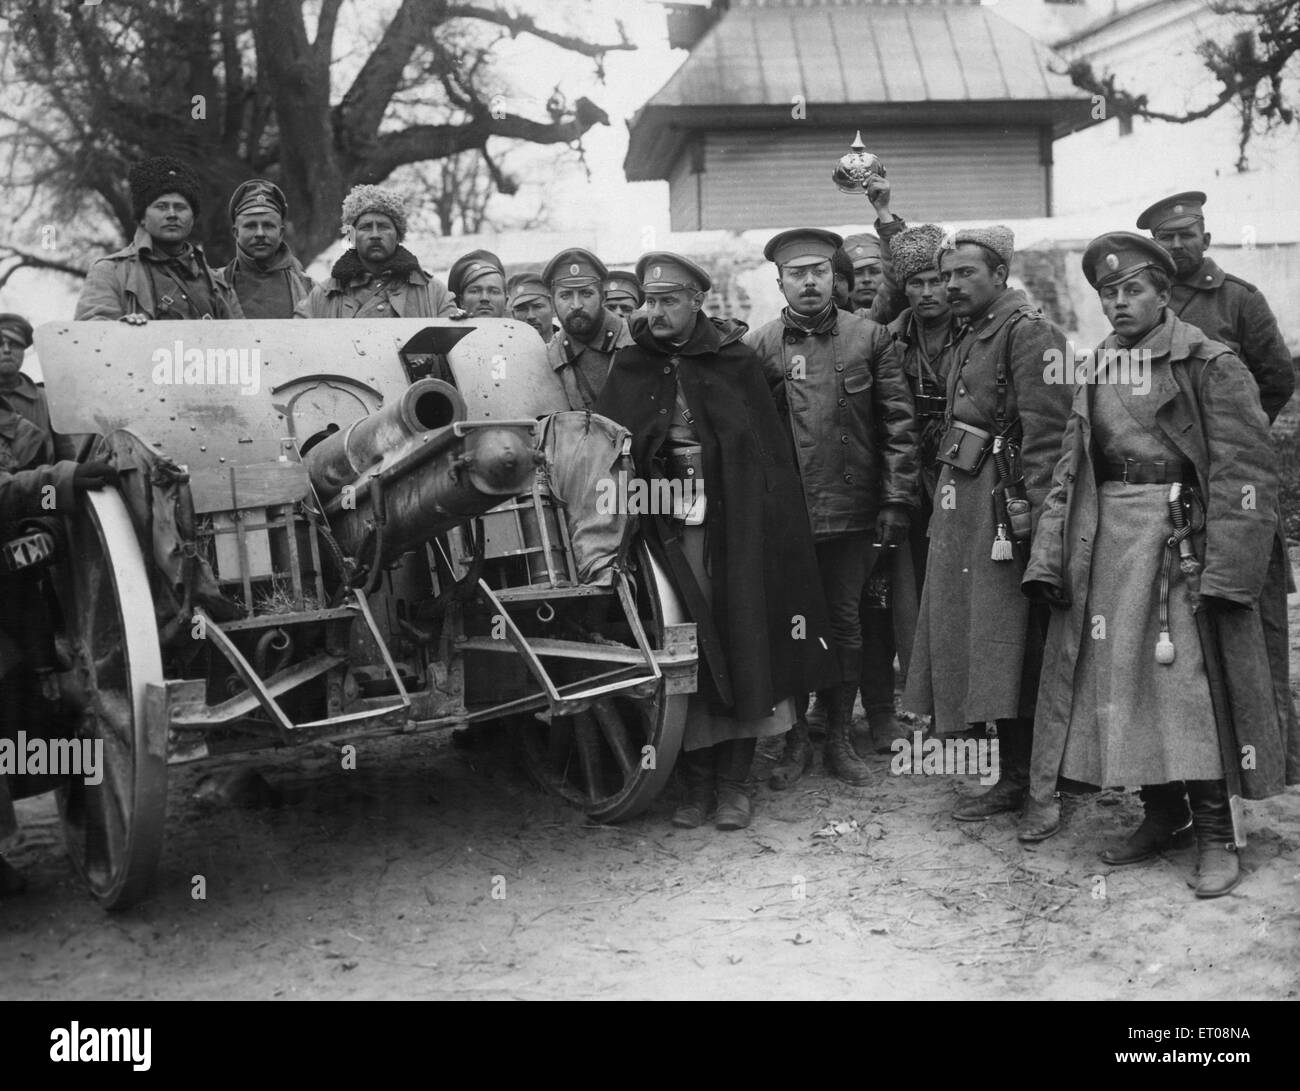 Eine aufgenommene deutsche Haubitze des Kronprinzen Koenigsberg Regiment Grenadiere entnommen. Im Hintergrund ist Stockbild